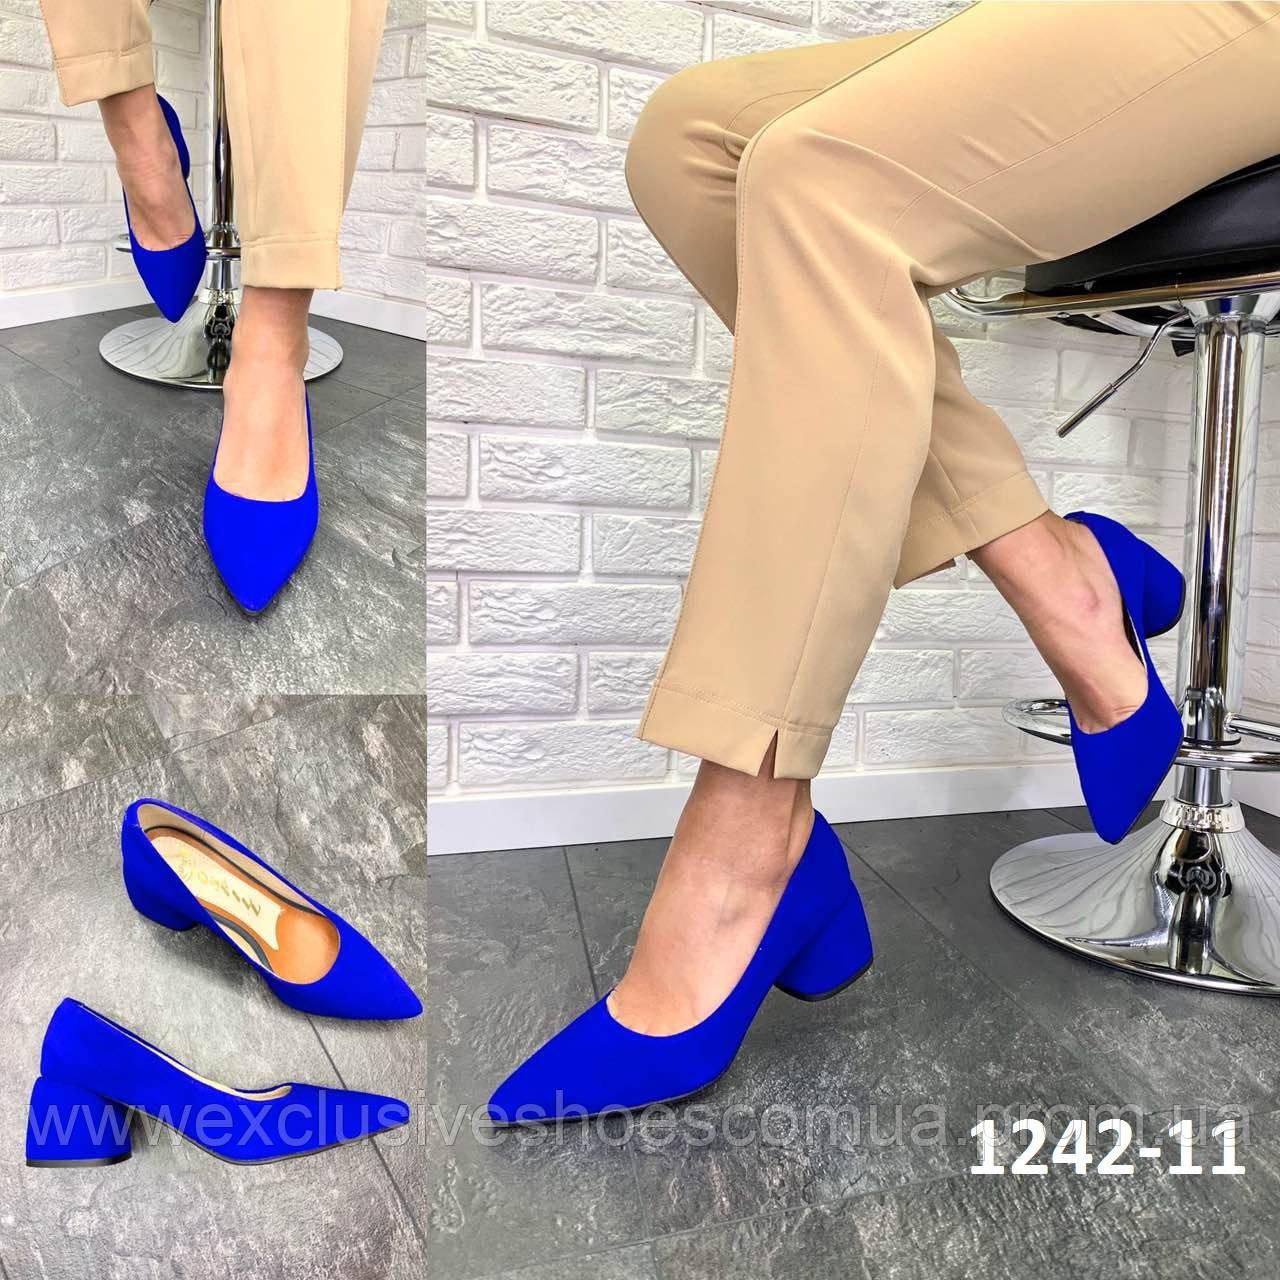 Туфли женские замшевые электрик на каблуке остроносые лодочки